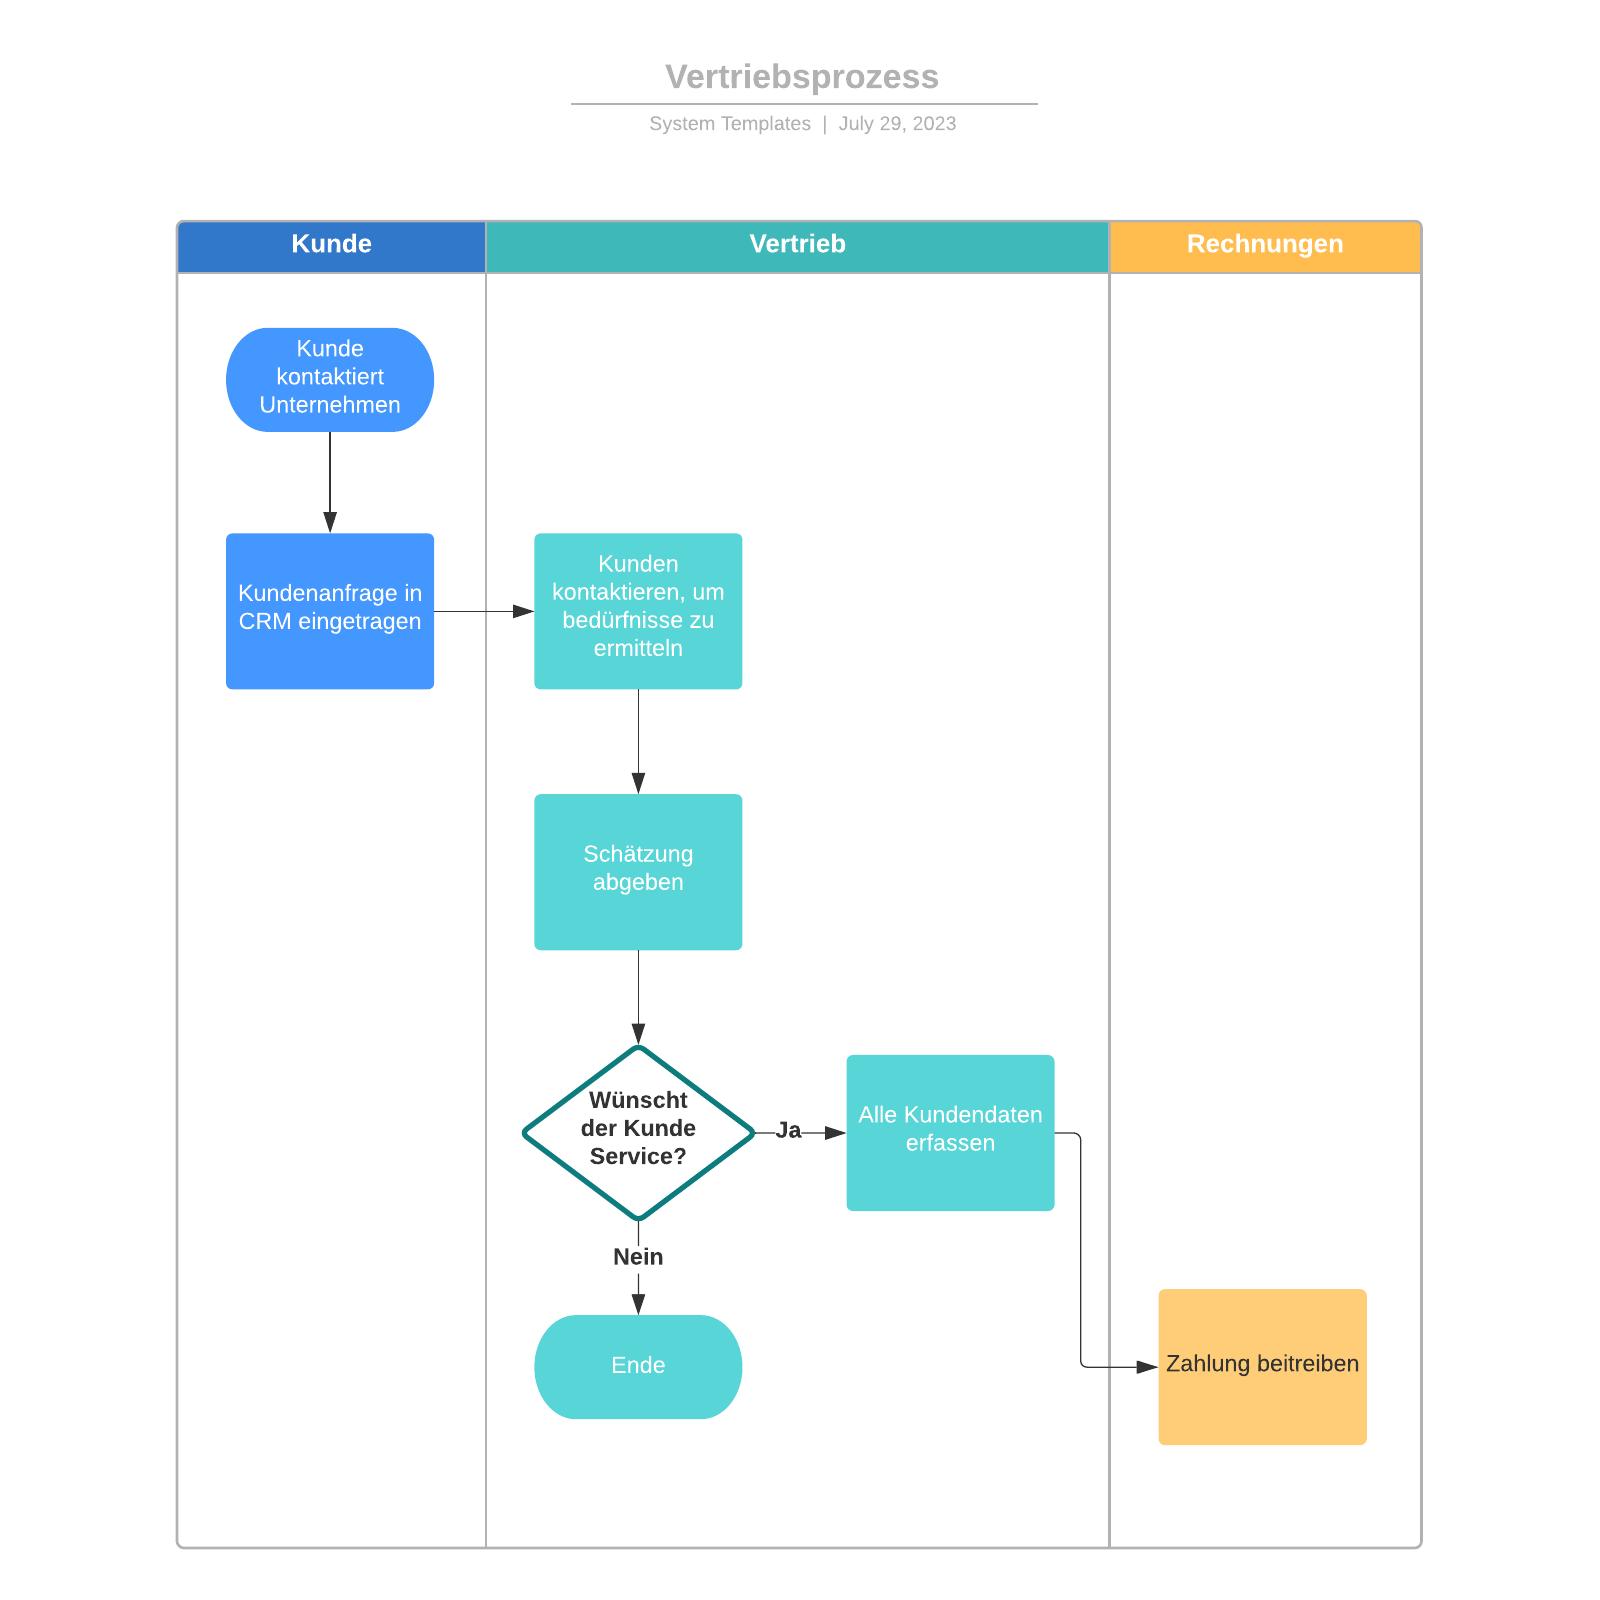 Vertriebsprozess Vorlage